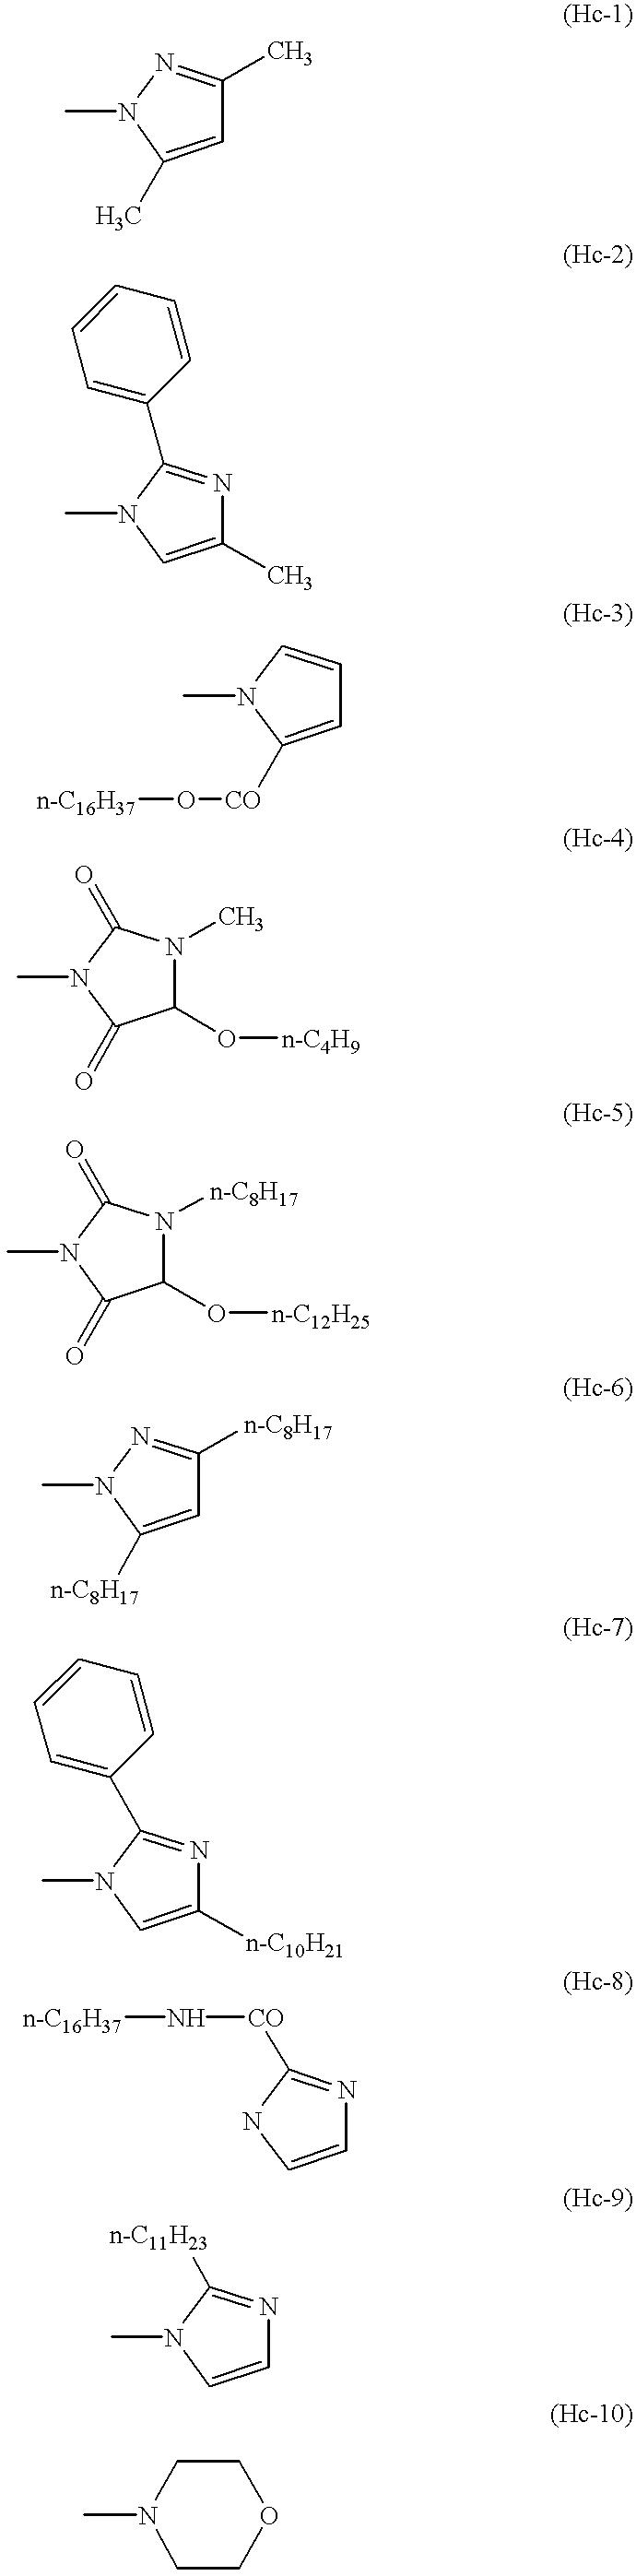 Figure US06380996-20020430-C00012